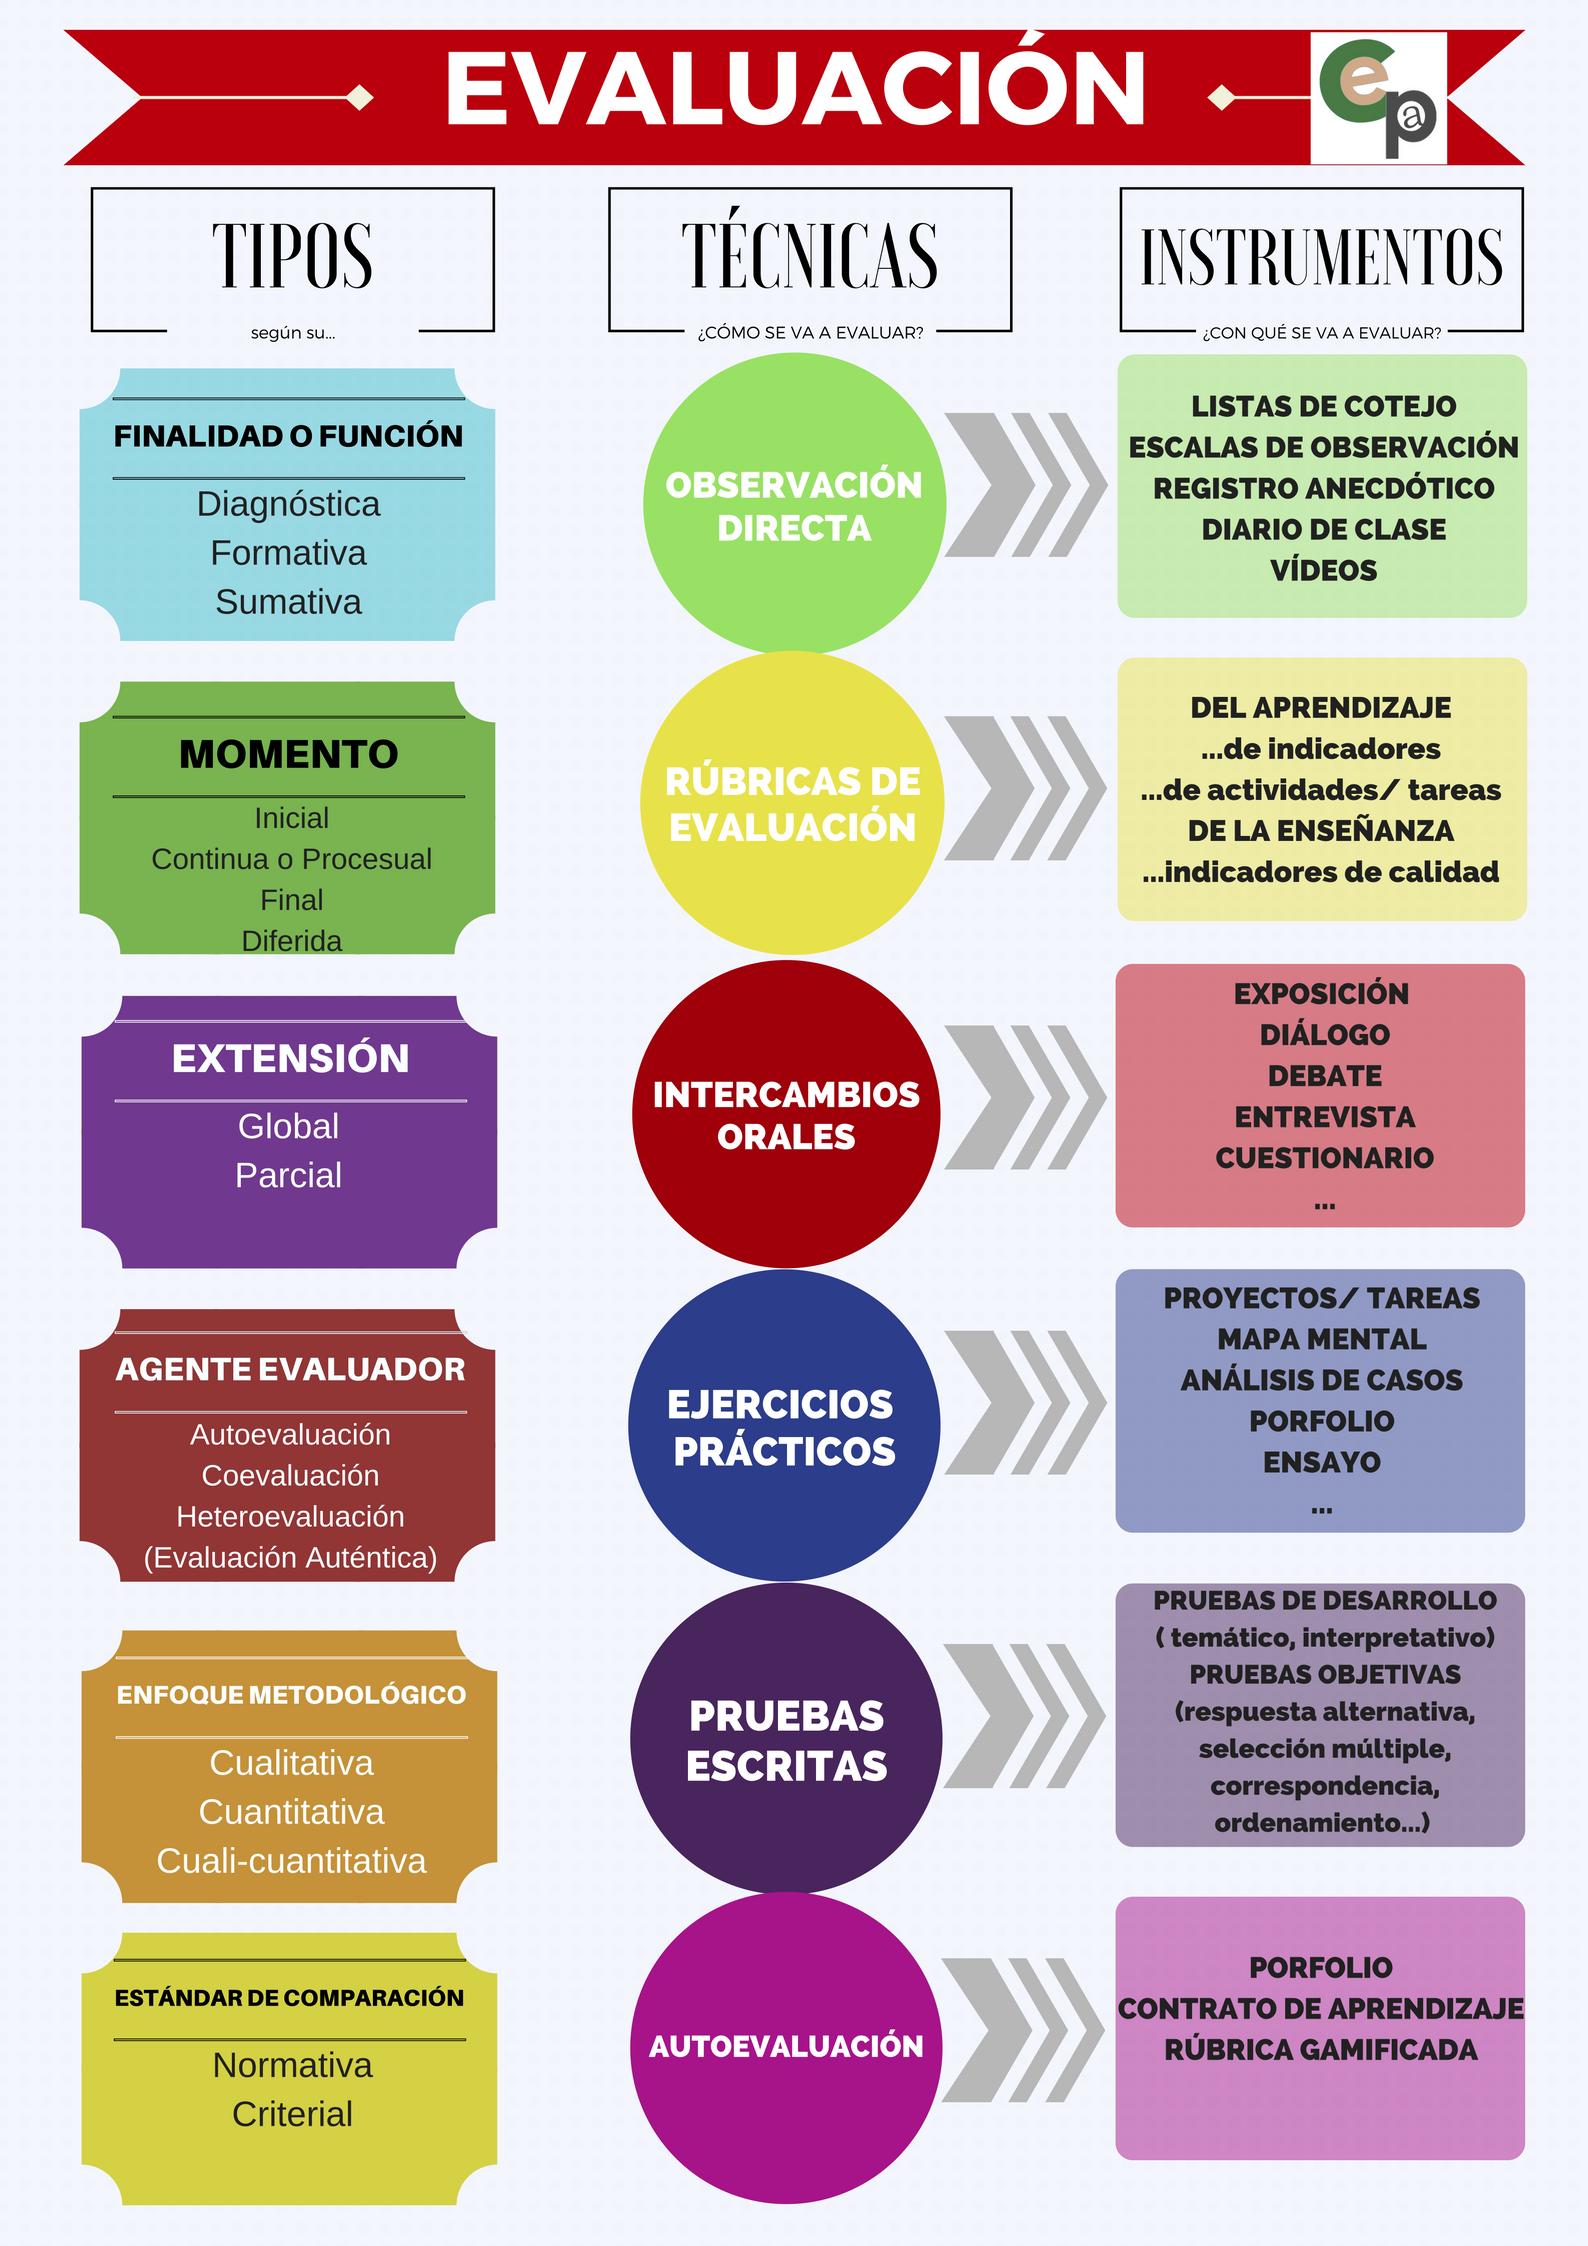 Docente Aquí Tienes 31 Maneras Diferentes De Evaluar A Sus Alumnos 10 Metodologías